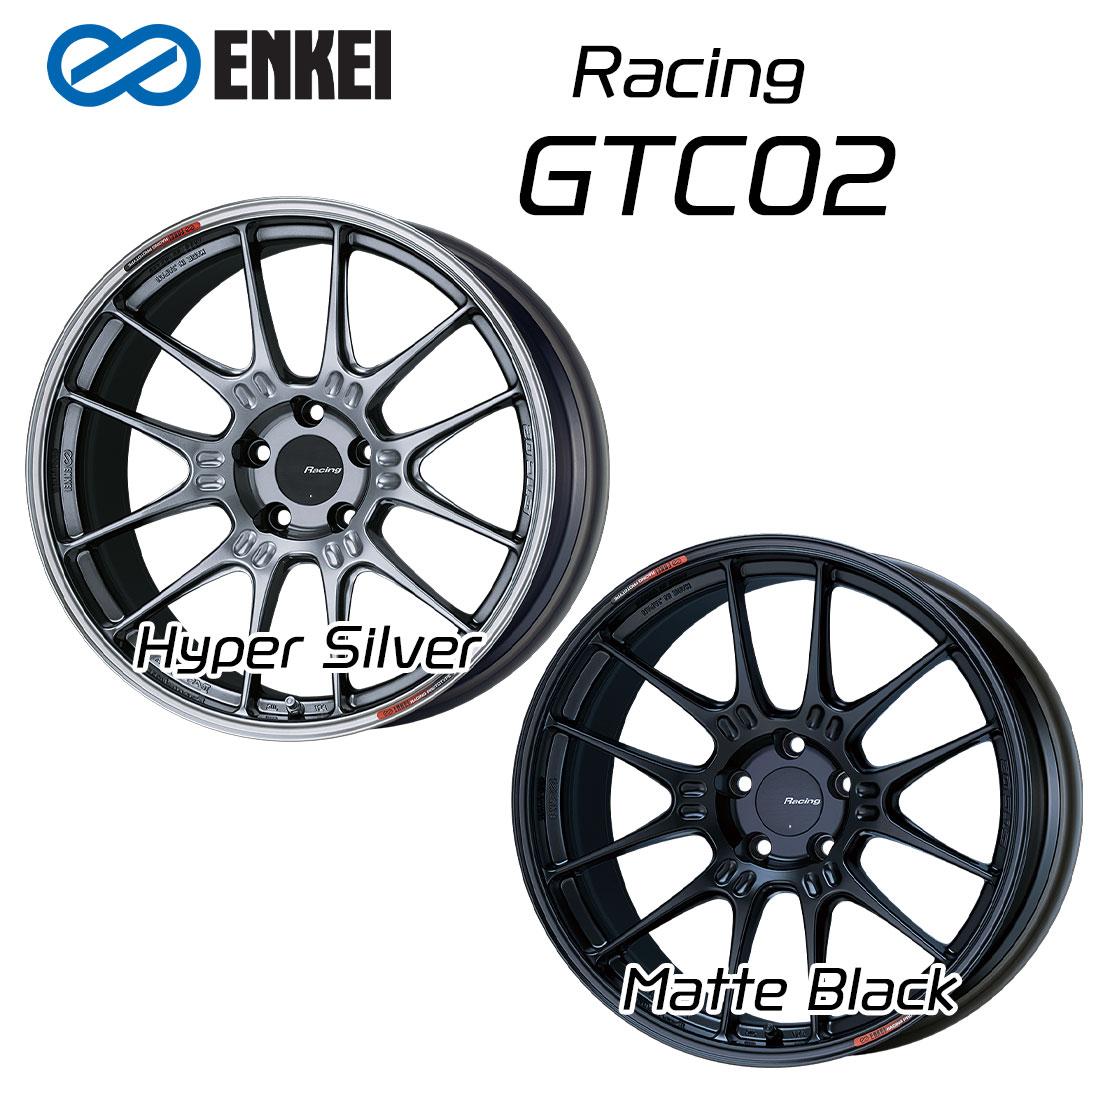 エンケイ ホイール レーシング GTC02 19インチ 10.5J ENKEI Racing マット ブラック ハイパー シルバー 車 かっこいい